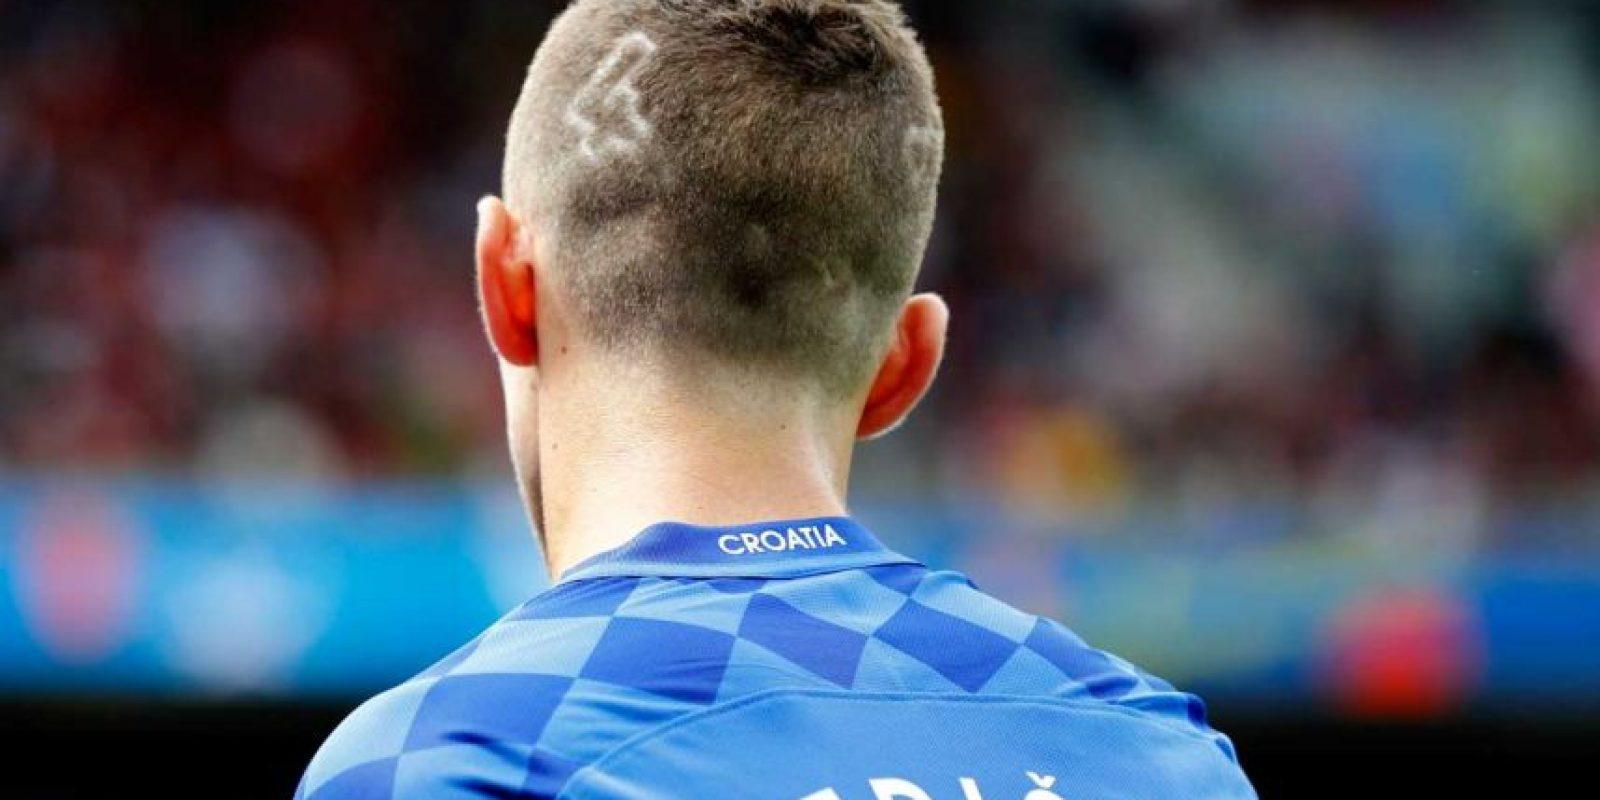 Así lució en el debut de Croacia en la Euro, con su dorsal dibujado en la cabeza. Foto:Getty Images